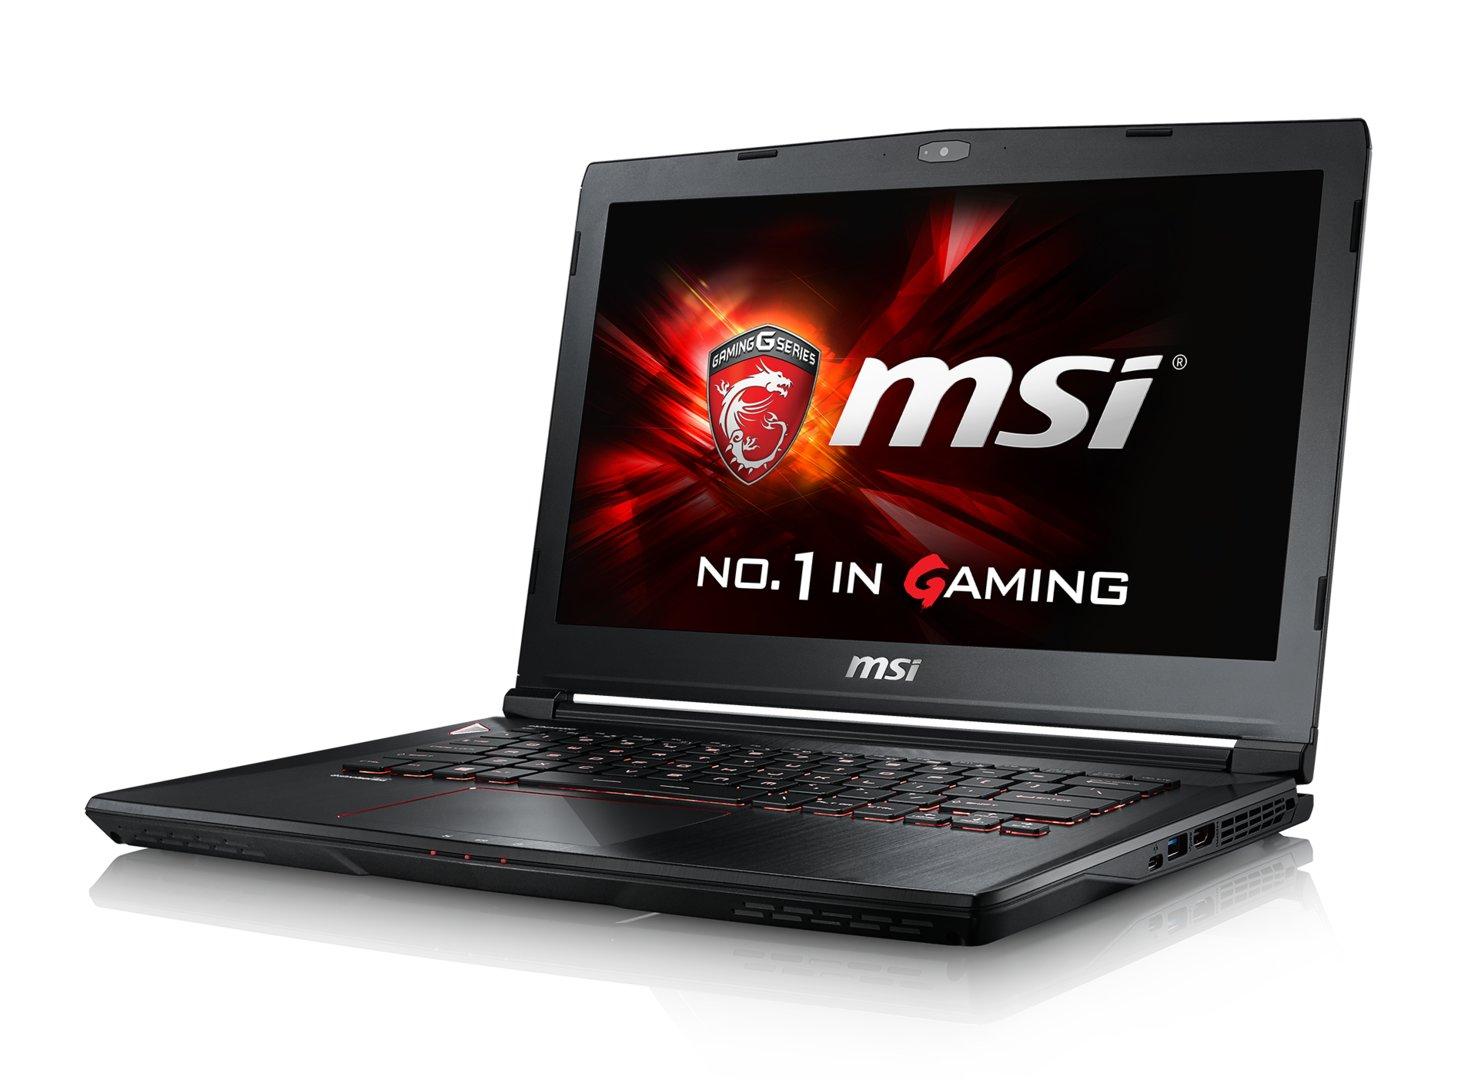 14-Zoll-Display gepaart mit Core i7-6700HQ und GeForce GTX 970M im GS40 Phantom Pro